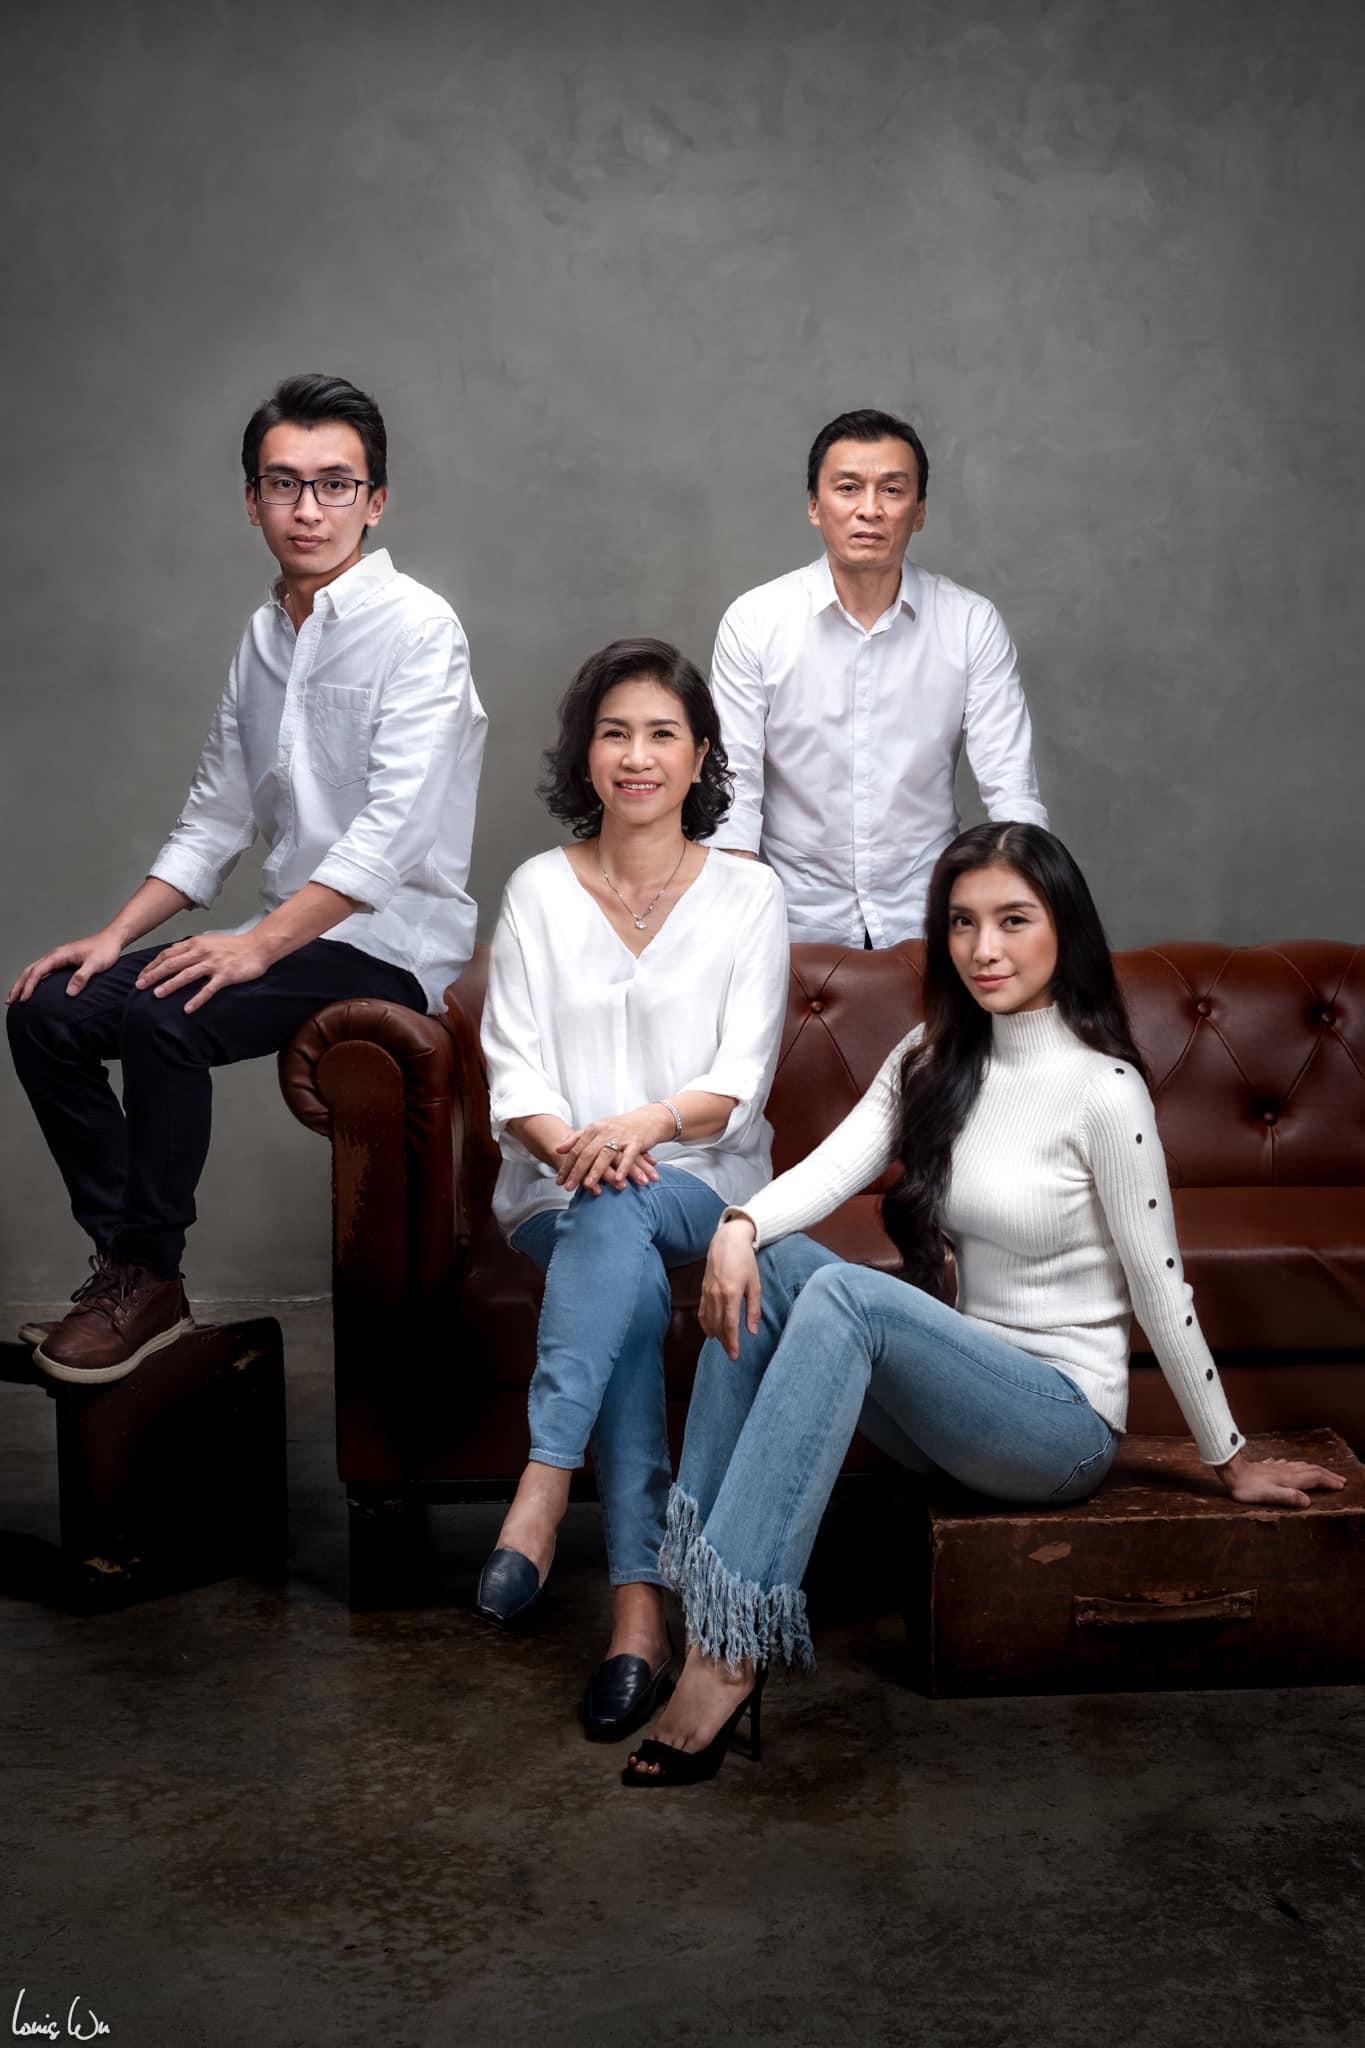 Vũ Mạnh Tuấn cũng thực hiện một bộ ảnh cả nhà bạn gái. Tấm ảnh đẹp nhất chính là ảnh gia đình, anh bày tỏ.